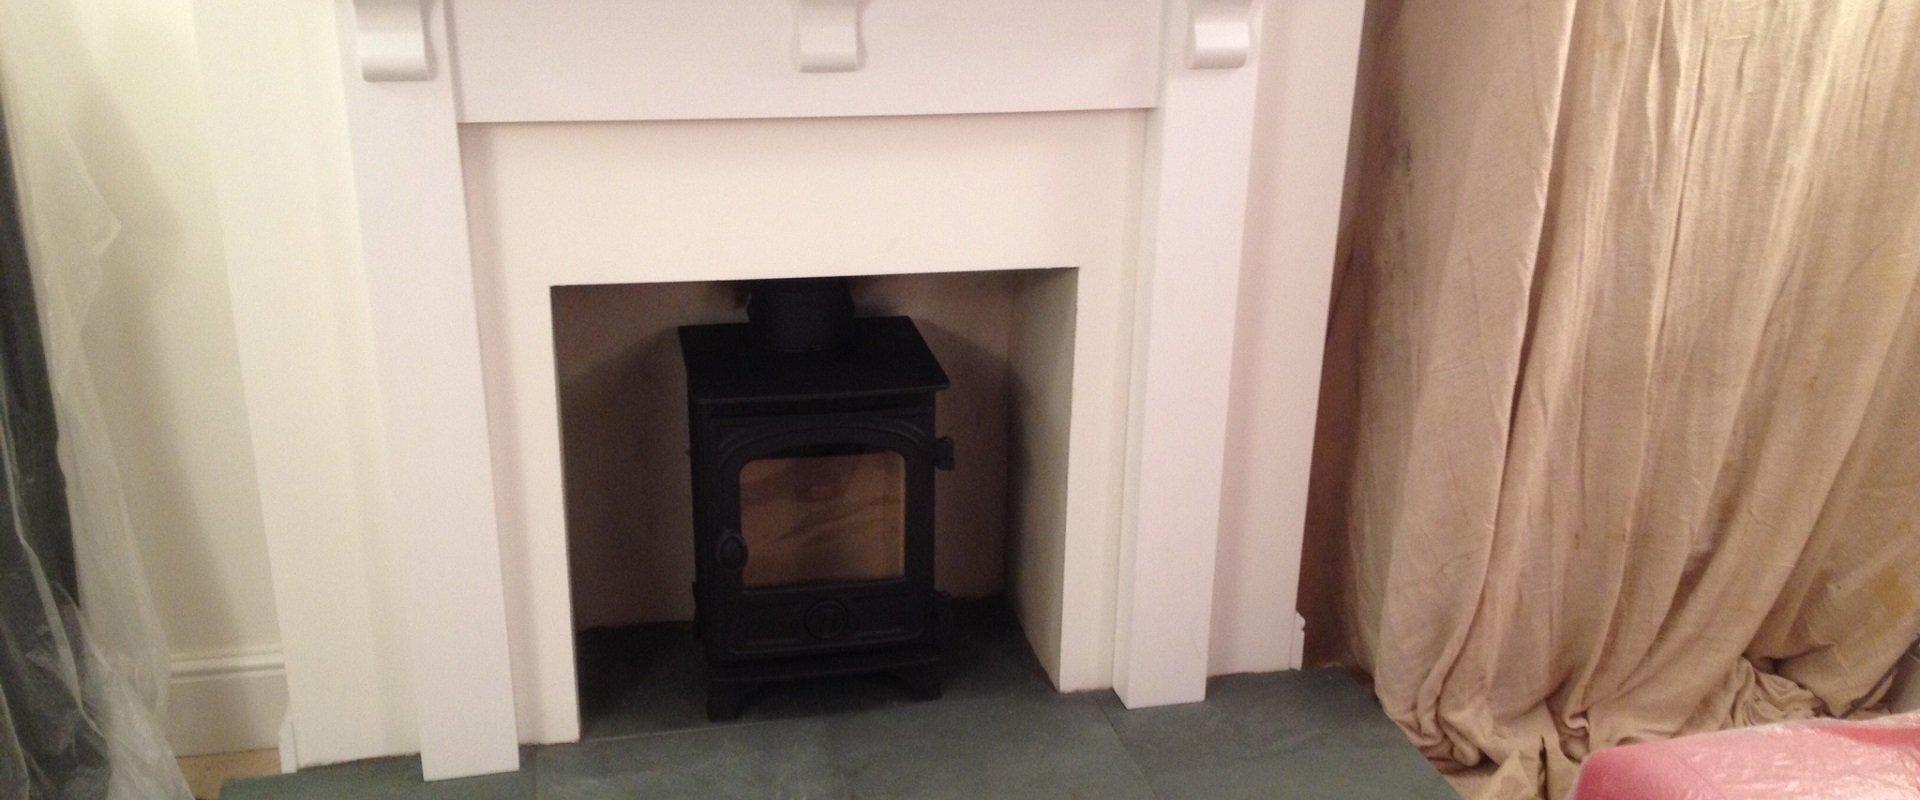 customised wood burning stove